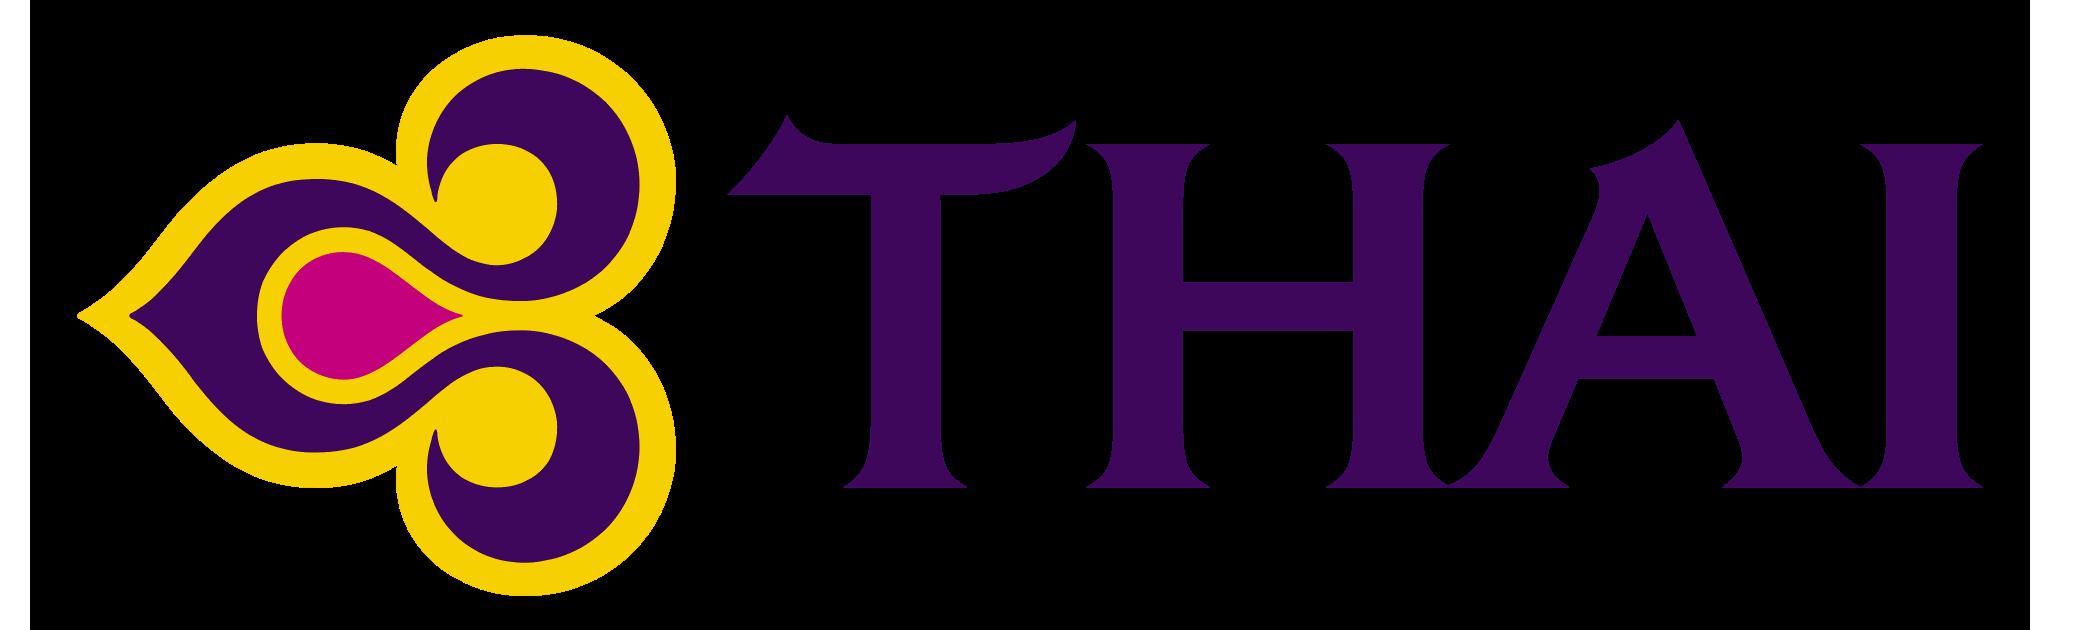 Resultado de imagen para Thai Airways logo